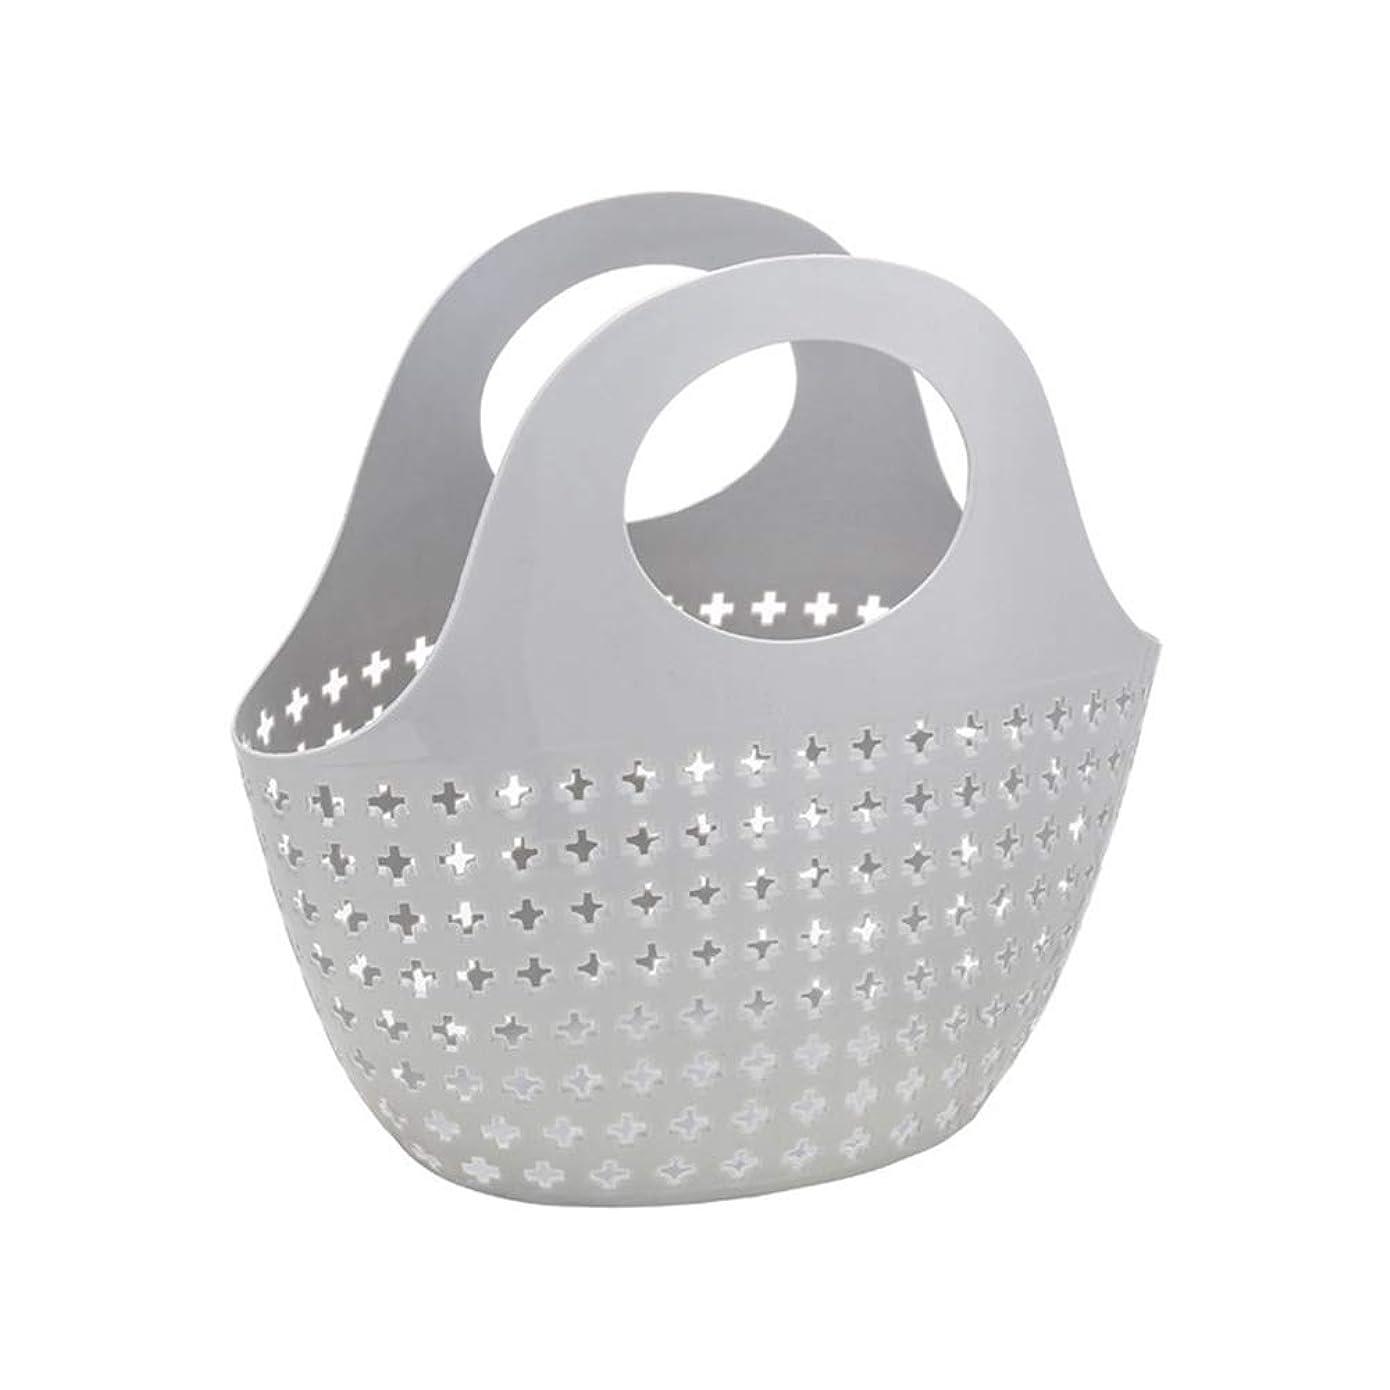 十年強調する是正フルーツプレート プラスチックウォッシュバスケットバスバスケット収納バスケット事務机破片収納バスケット (色 : グレー, サイズ : 27*14*27cm)